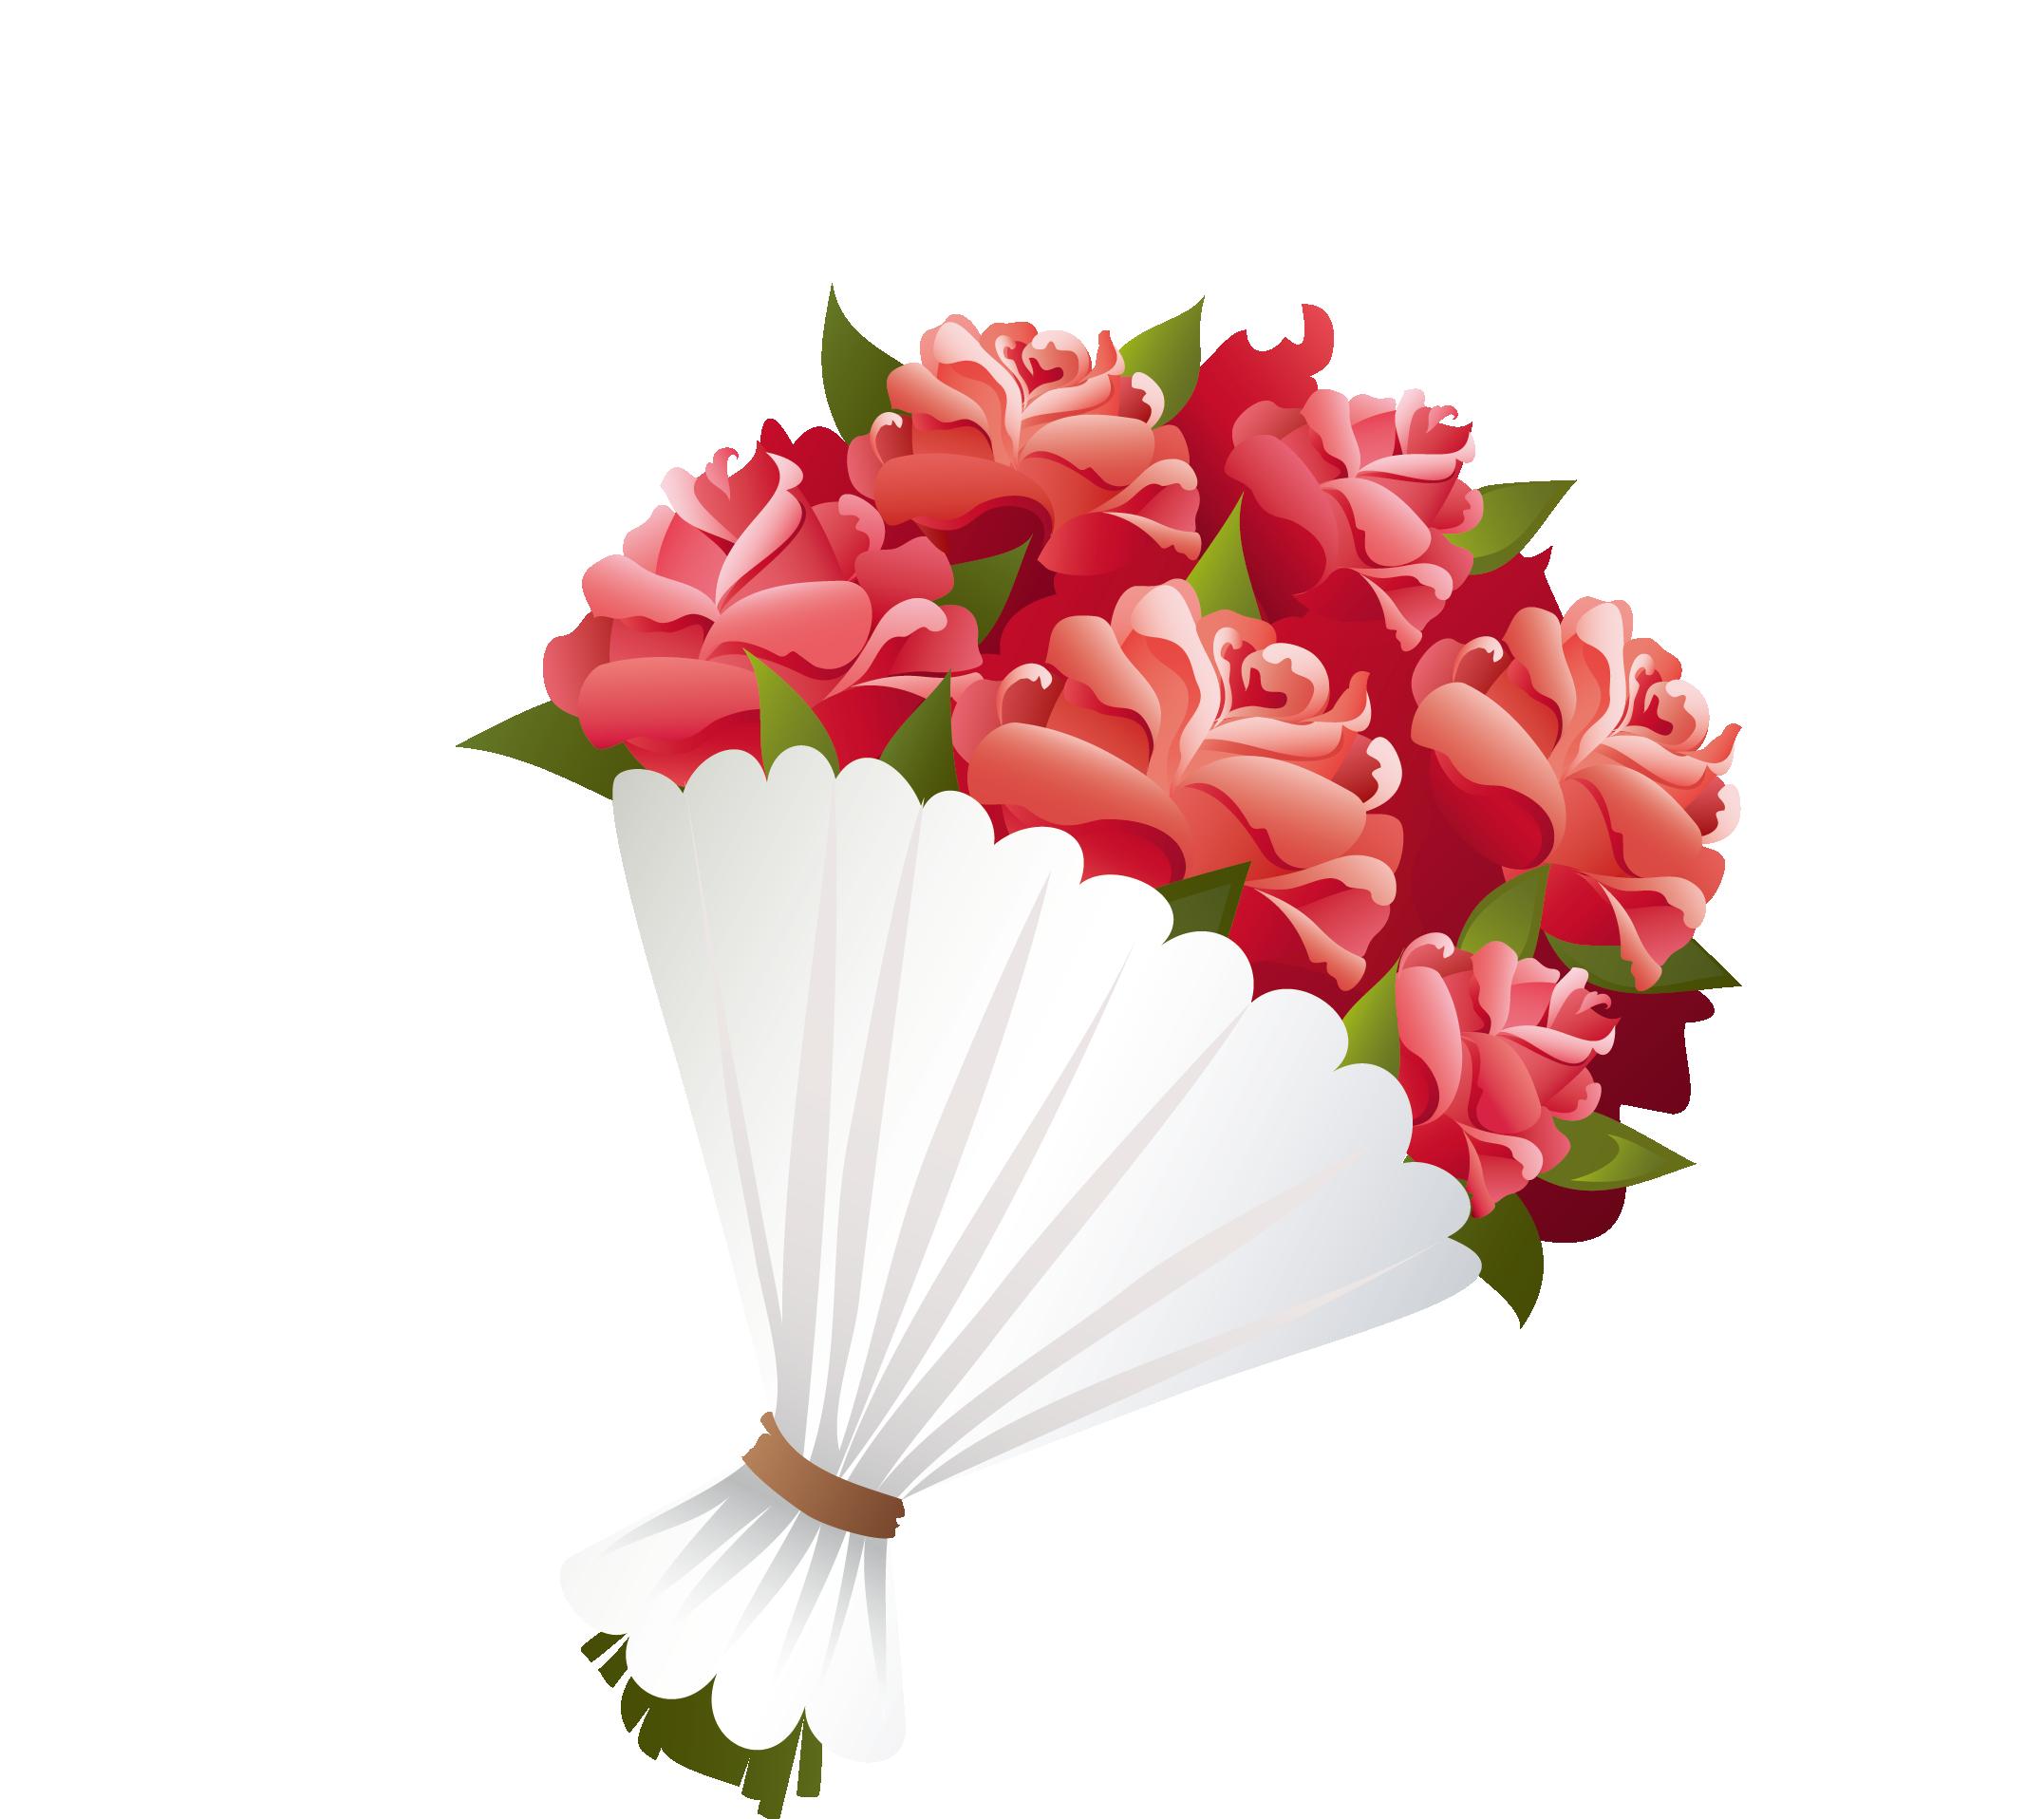 Flower clipart cartoon. Bouquet clip art red